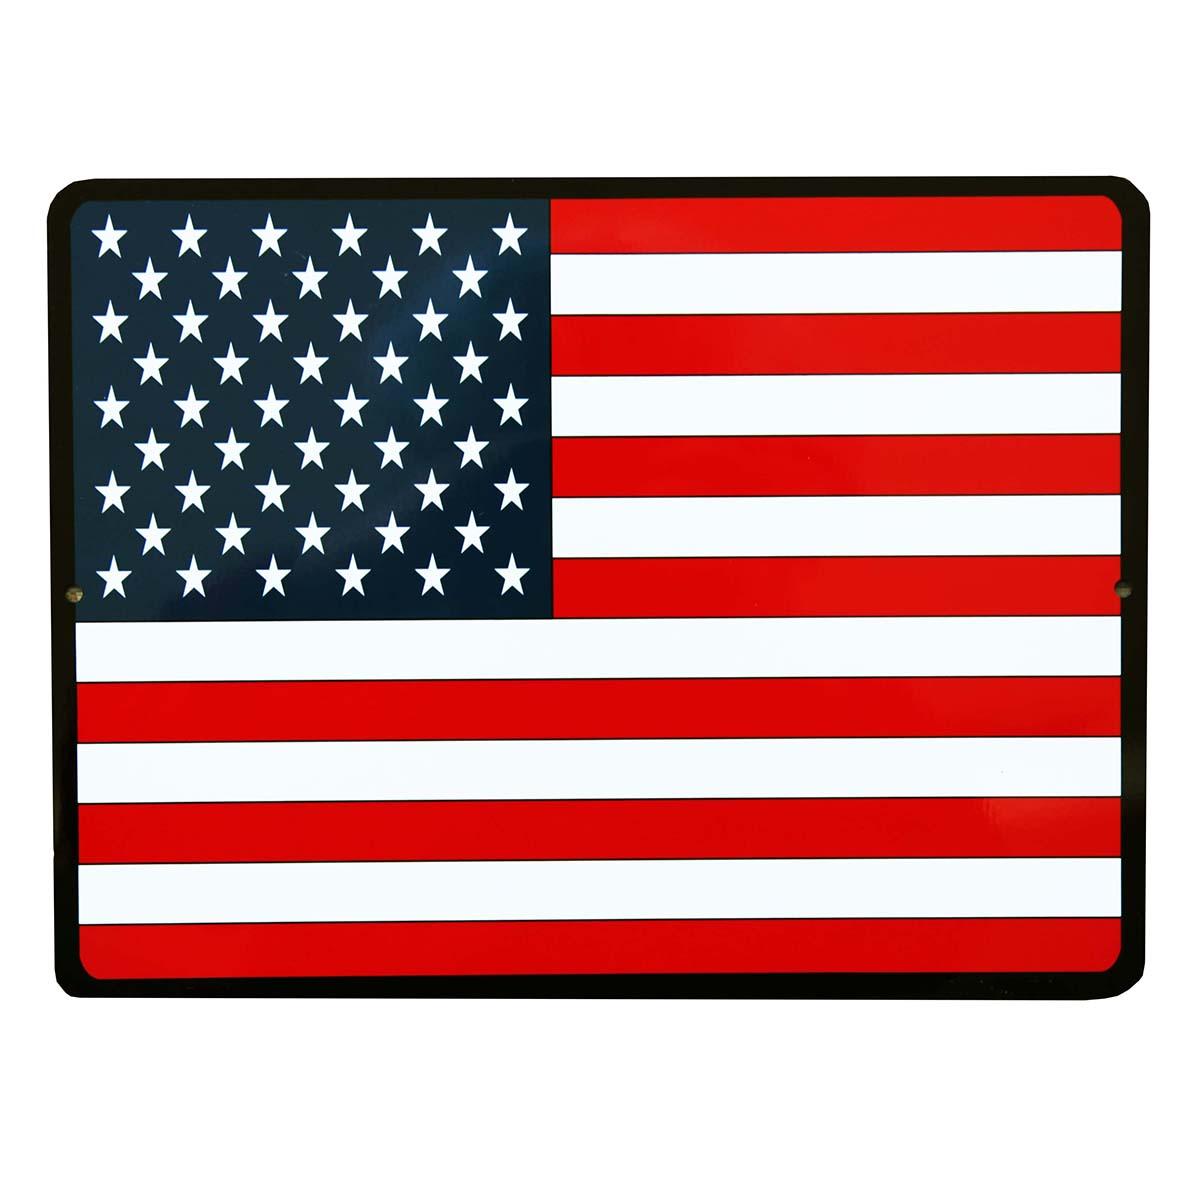 画像1: アメリカンフラッグ 星条旗 メタルサイン/Metal Sign  (1)